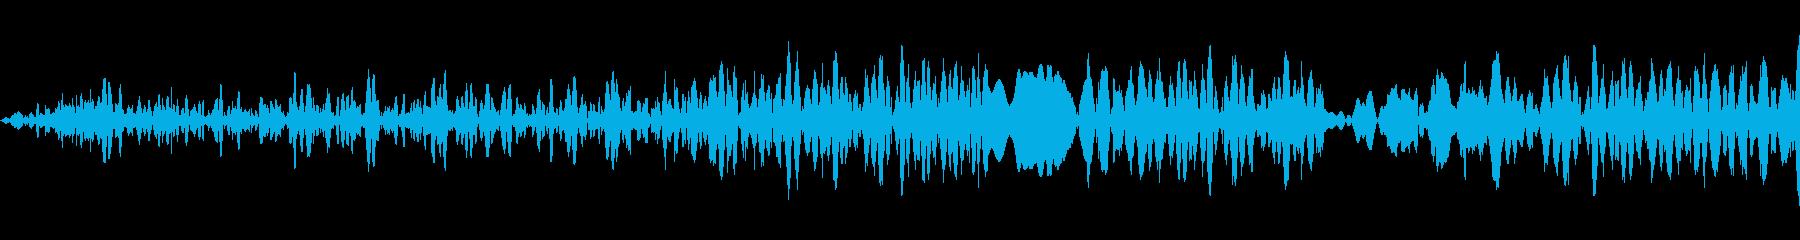 生産アクセントV.7ビープ音、プロ...の再生済みの波形